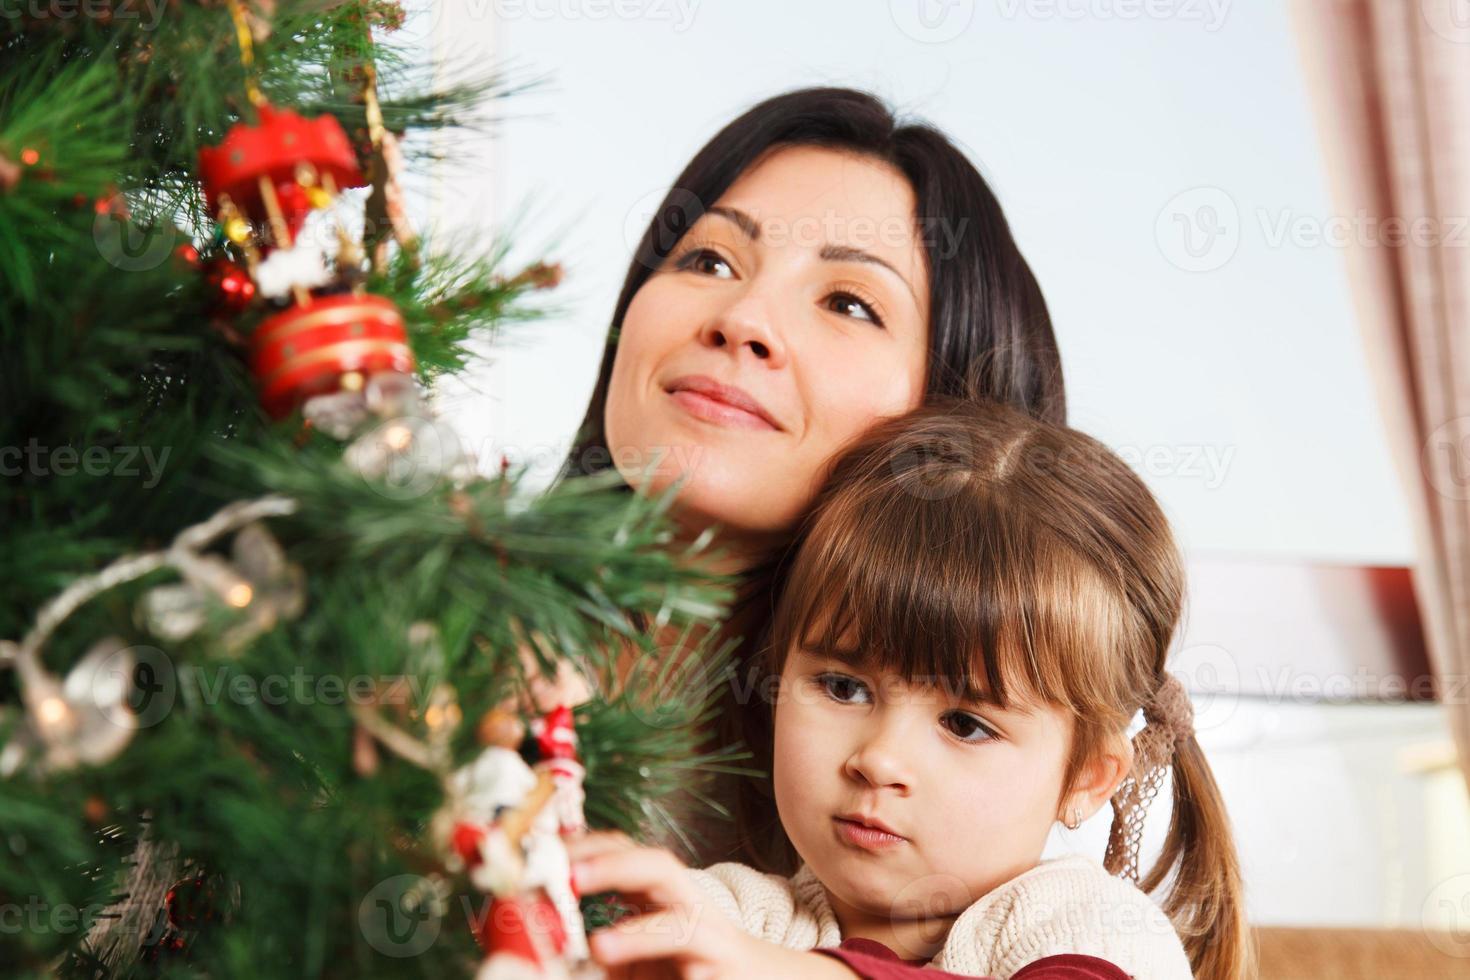 impatient de Noël - images de stock libres de droits photo